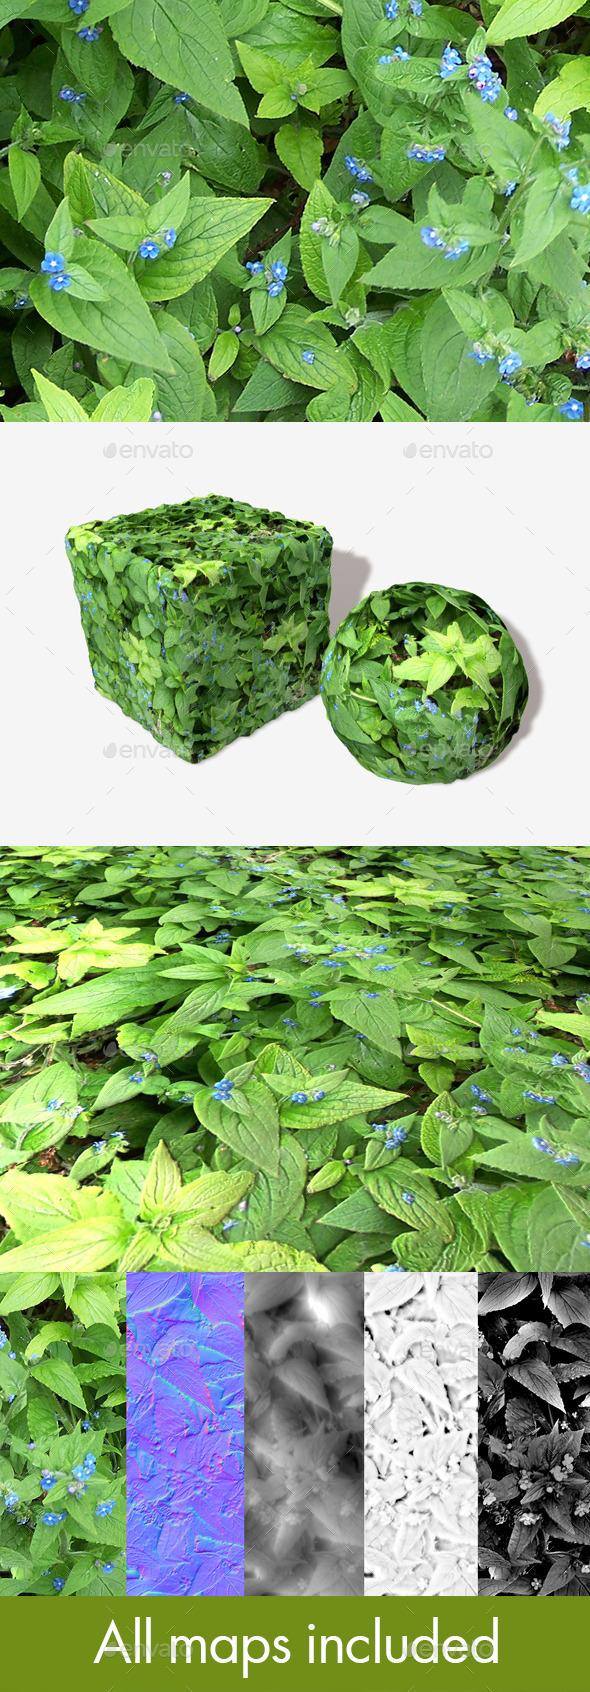 Blue Flowered Weeds Seamless Texture